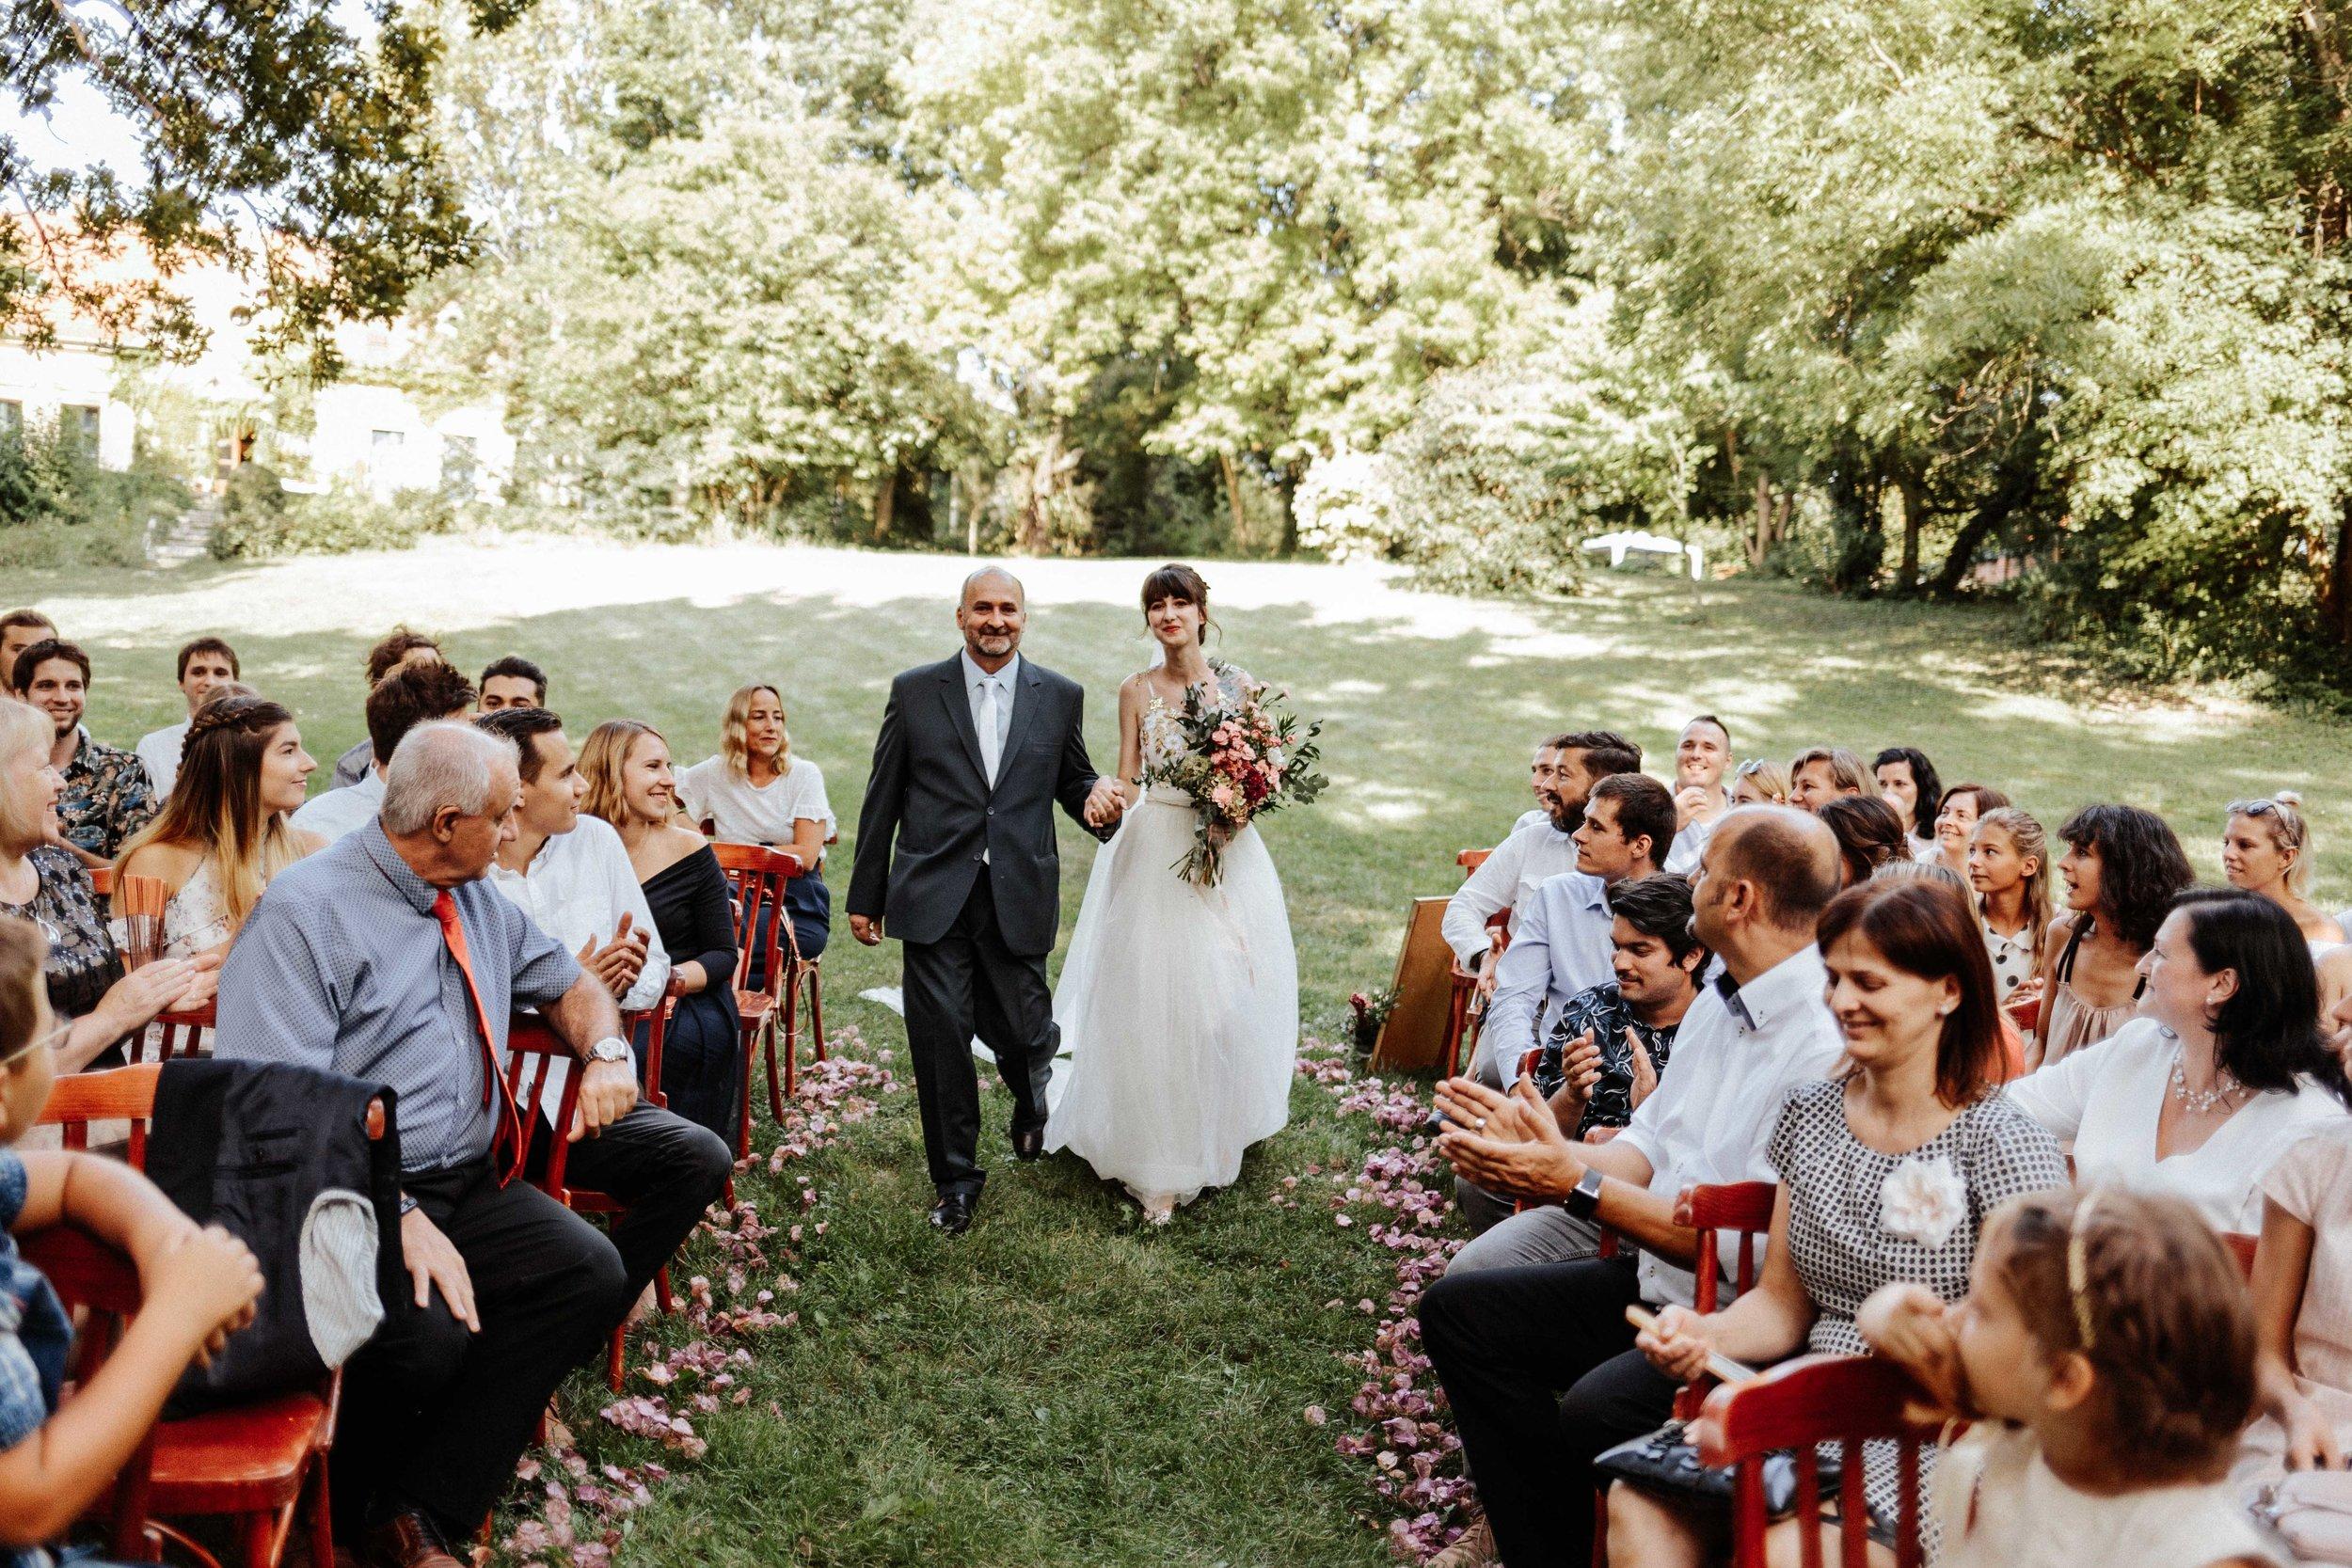 20170826_Rebi+Dani_wedding_w_198__MG_3584.jpg